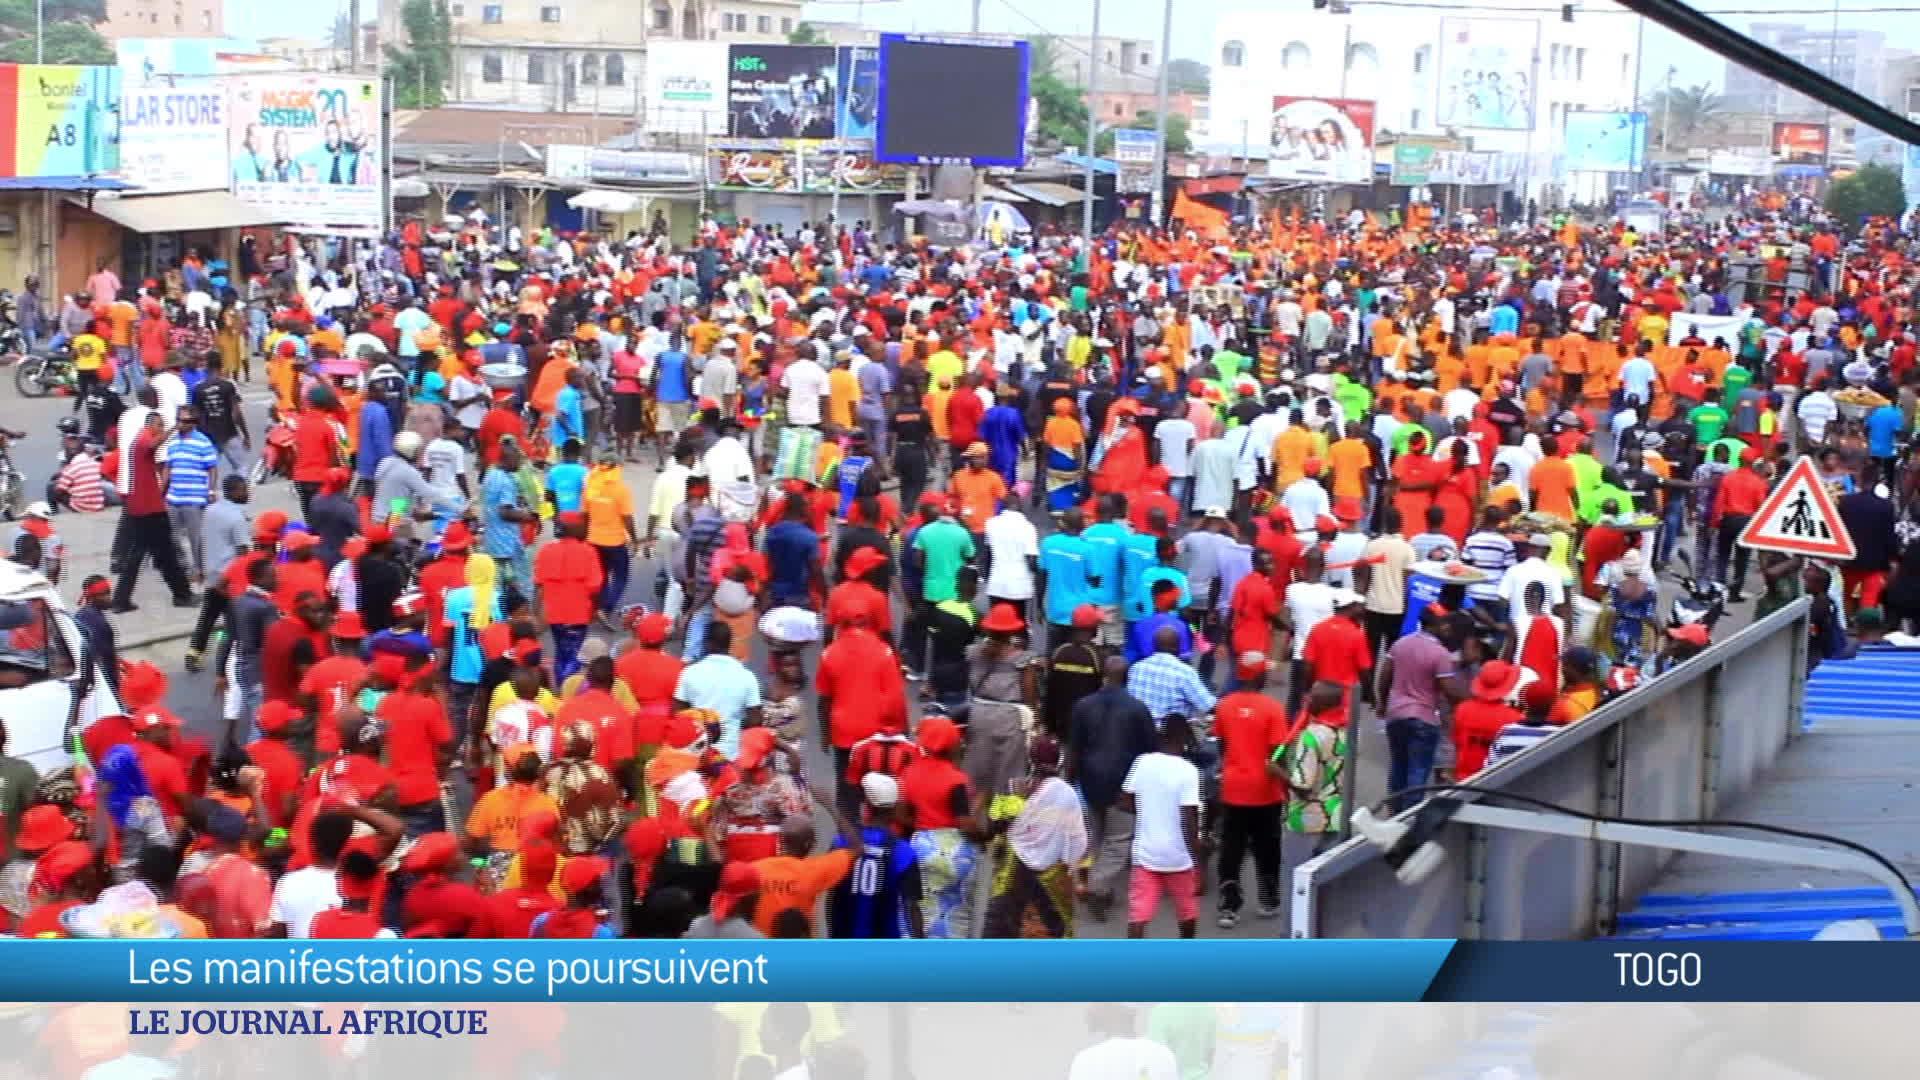 Les manifestations se poursuivent au Togo